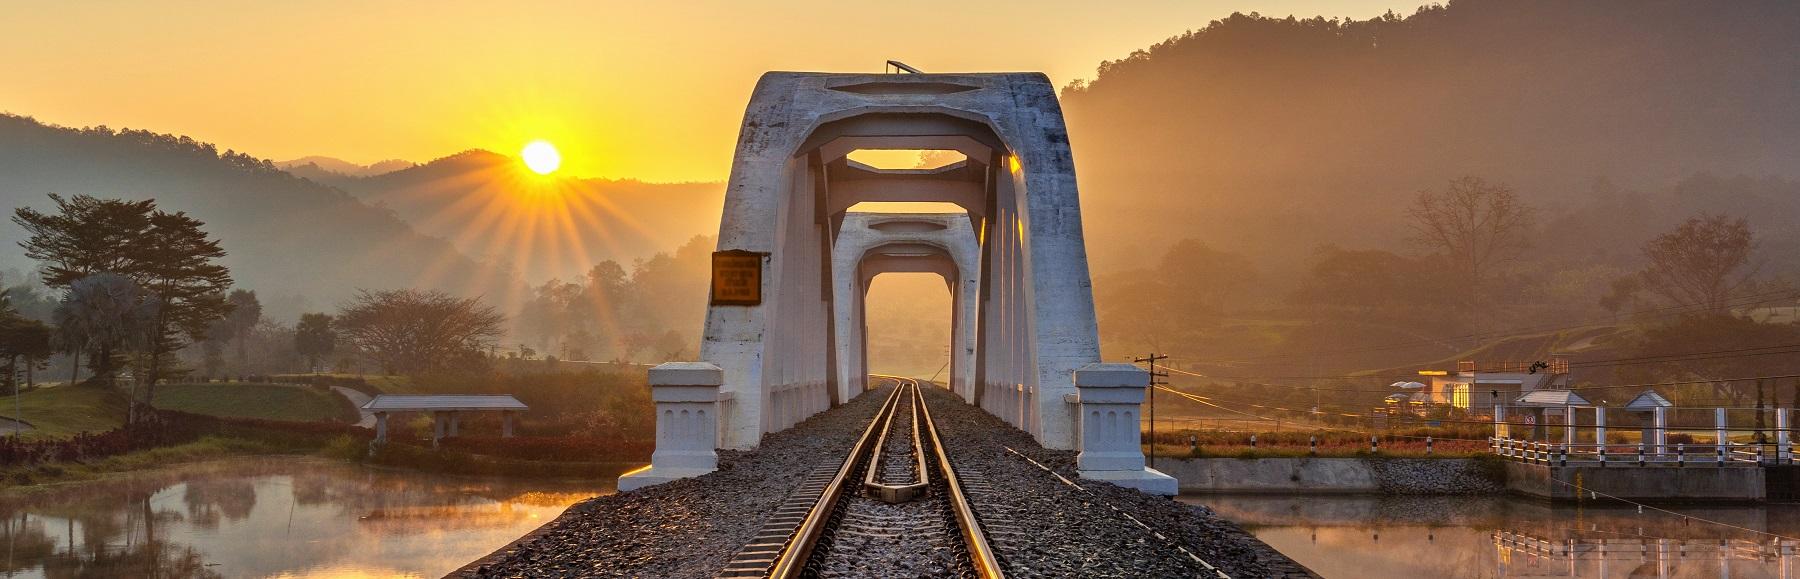 Partez en Europe SNCF : du 21 juin au 29 août 2021